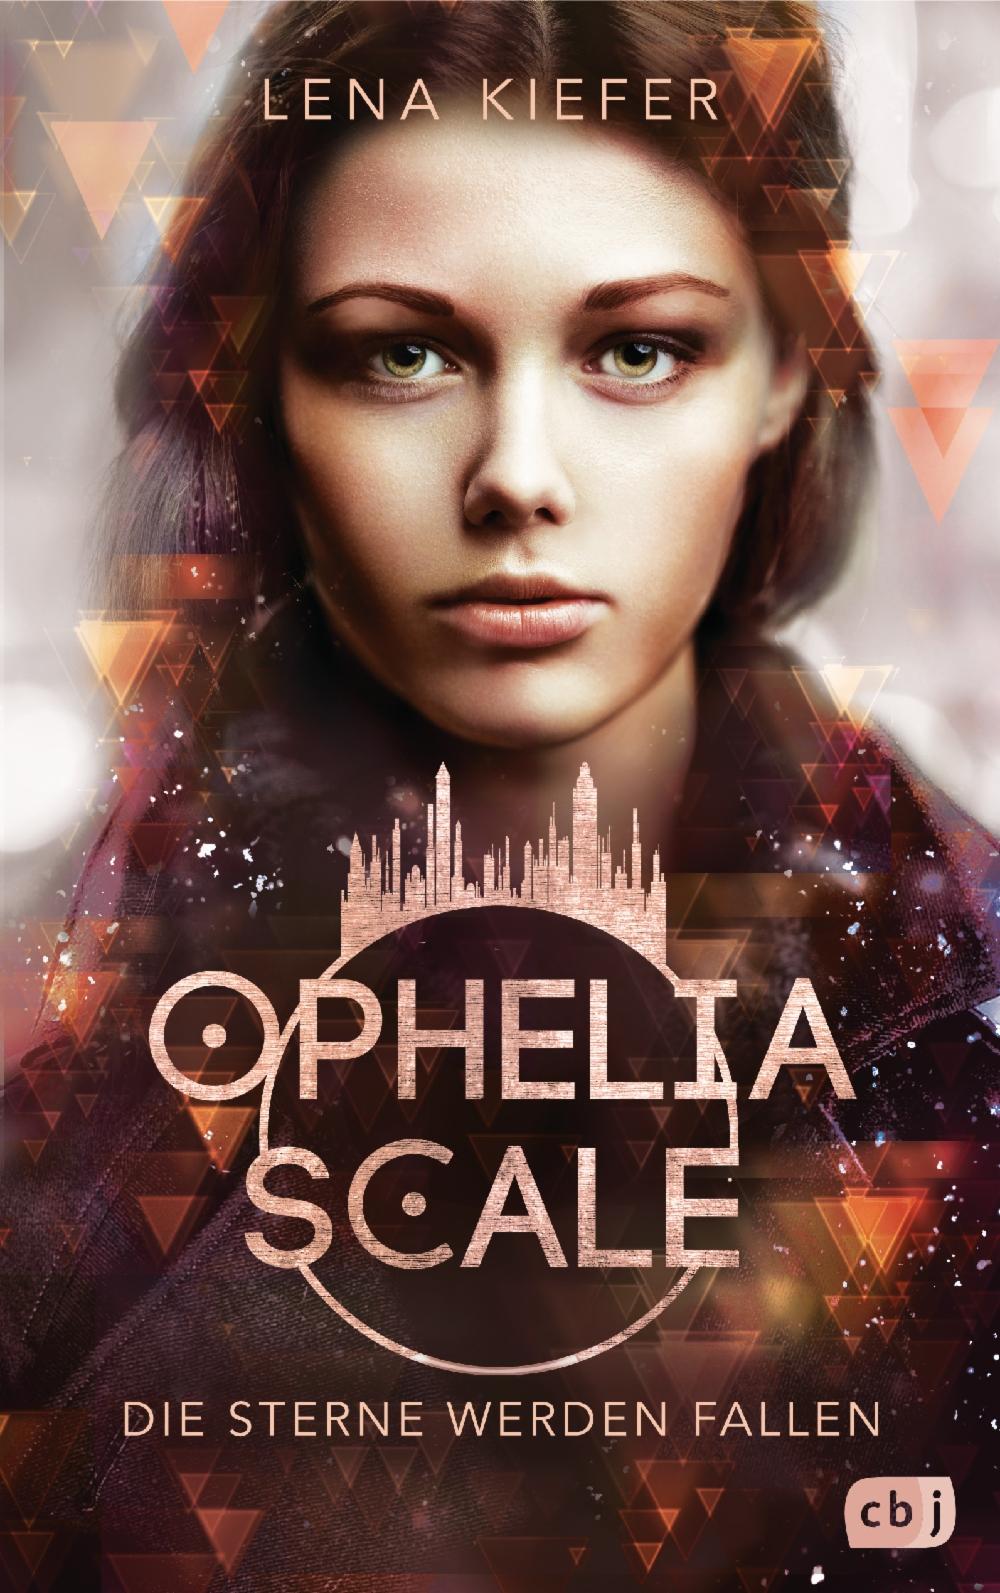 https://www.randomhouse.de/Buch/Ophelia-Scale-Die-Sterne-werden-fallen/Lena-Kiefer/cbj-Jugendbuecher/e553845.rhd